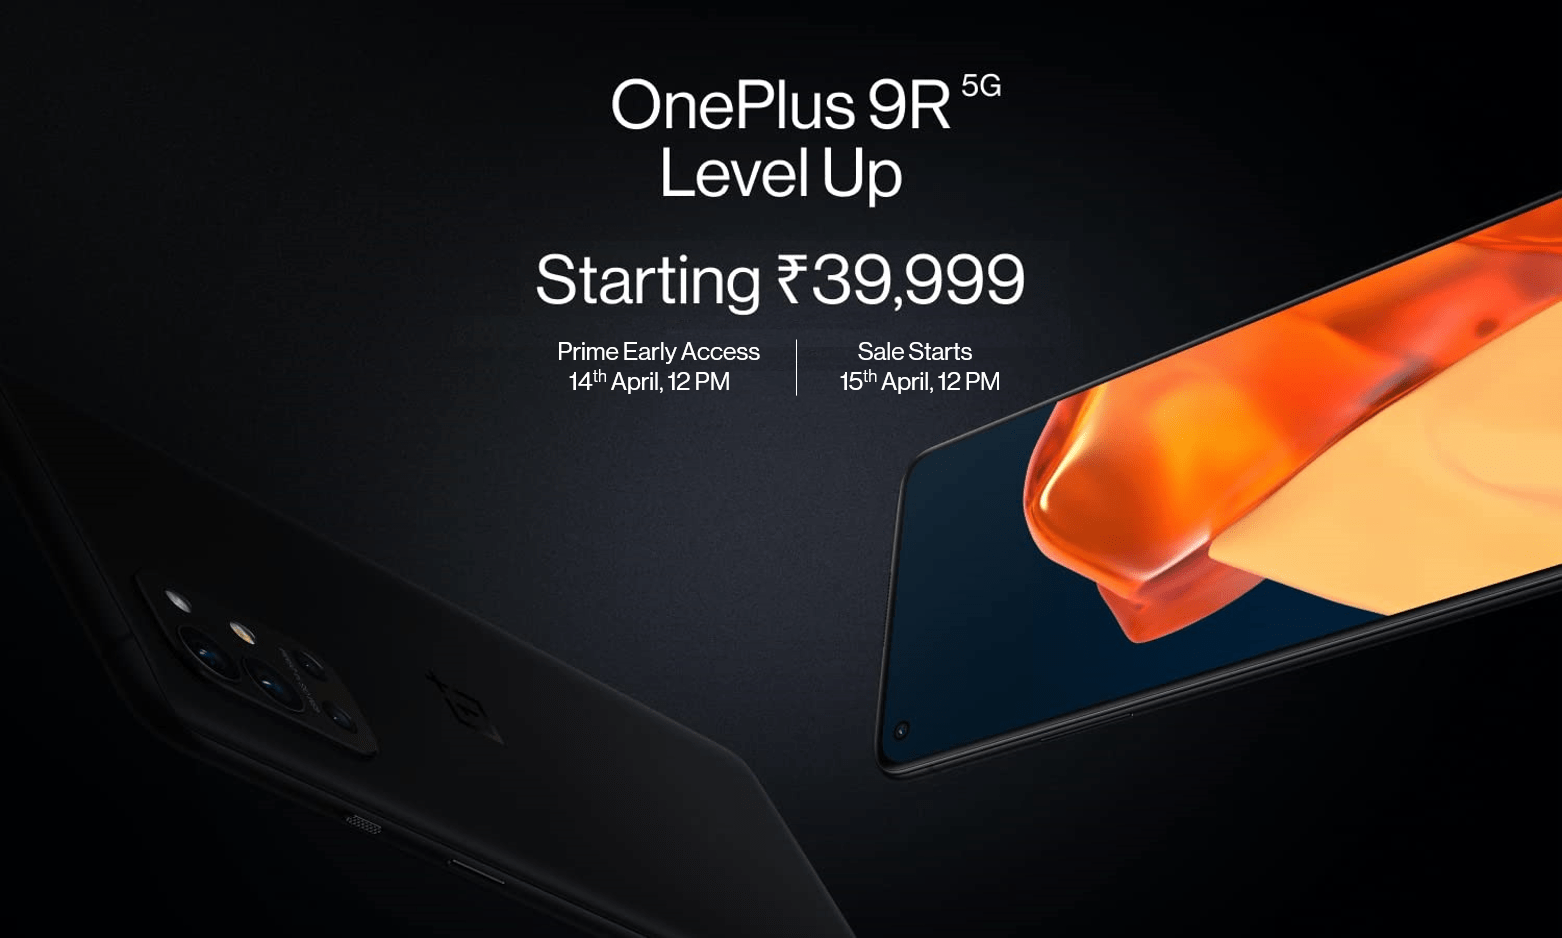 OnePlus 9R 5G Starting @